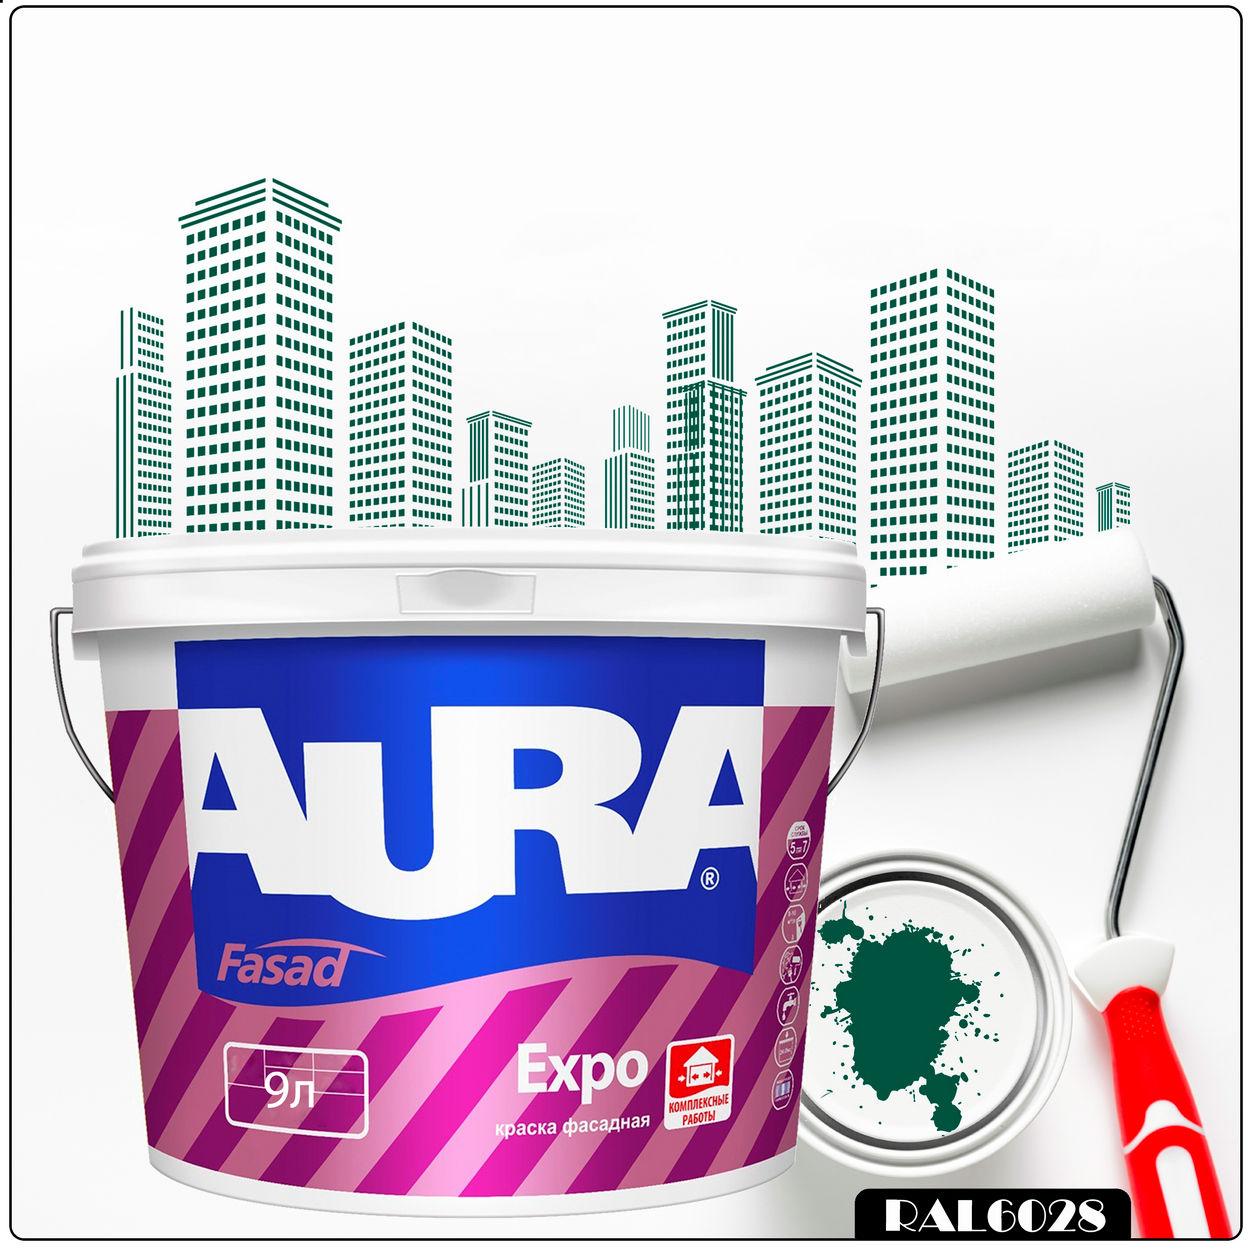 Фото 1 - Краска Aura Fasad Expo, RAL 6028 Зеленый-сосна, матовая, для фасадов и помещений с повышенной влажностью, 9л.